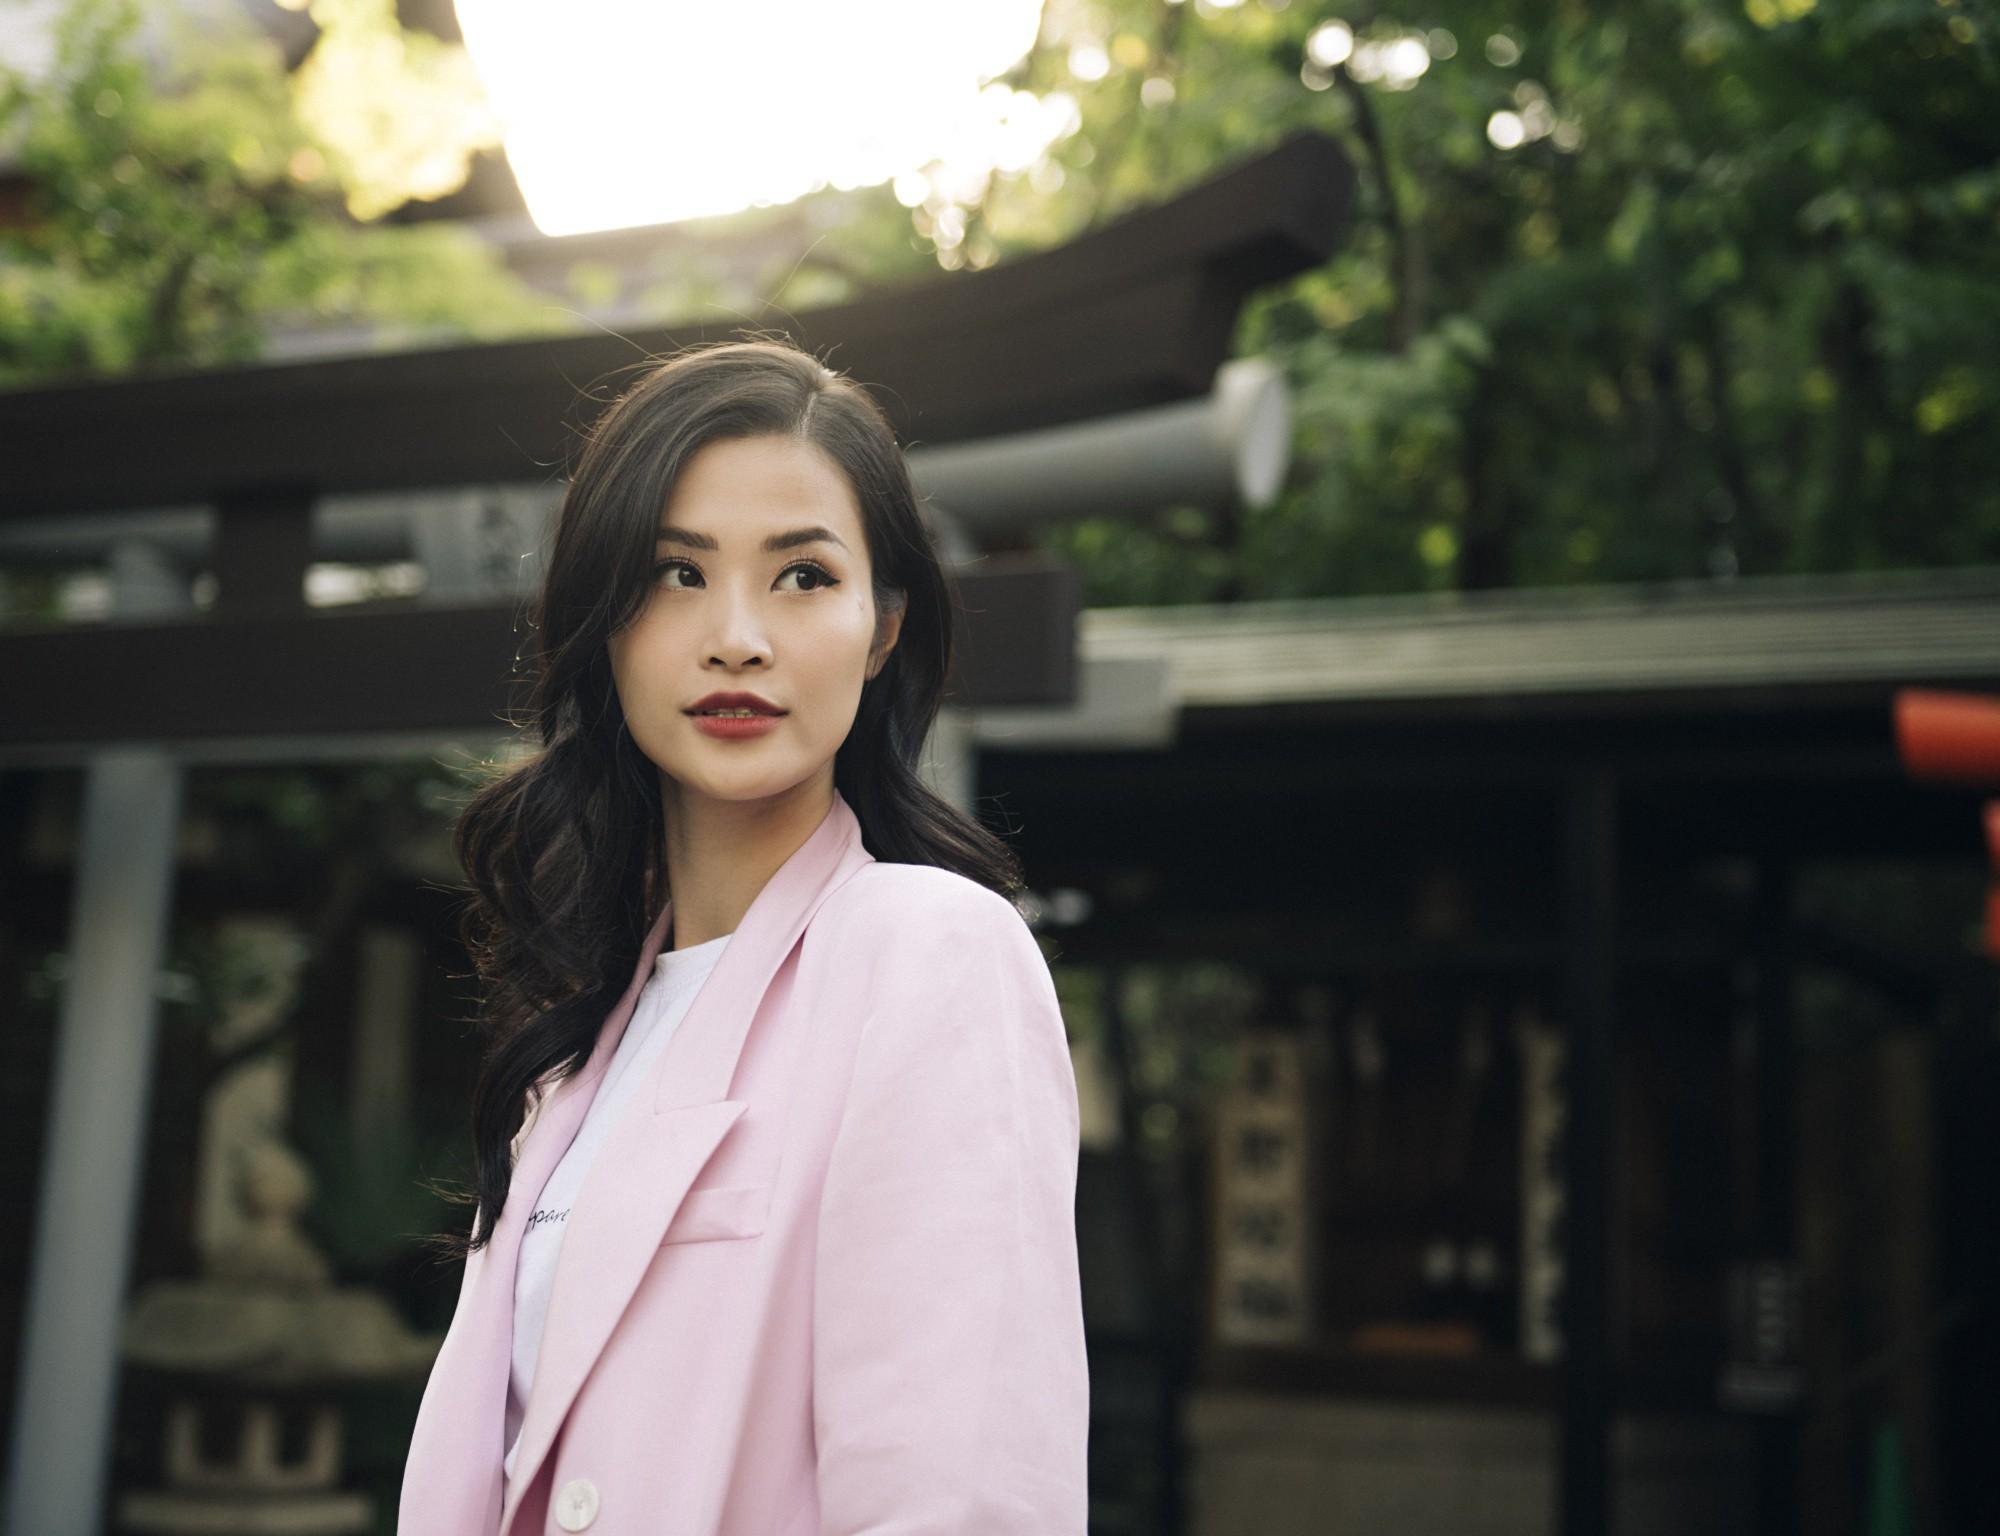 Đông Nhi hào hứng học làm sushi, cùng nghệ sĩ các nước ASEAN khám phá Nhật Bản - Ảnh 24.